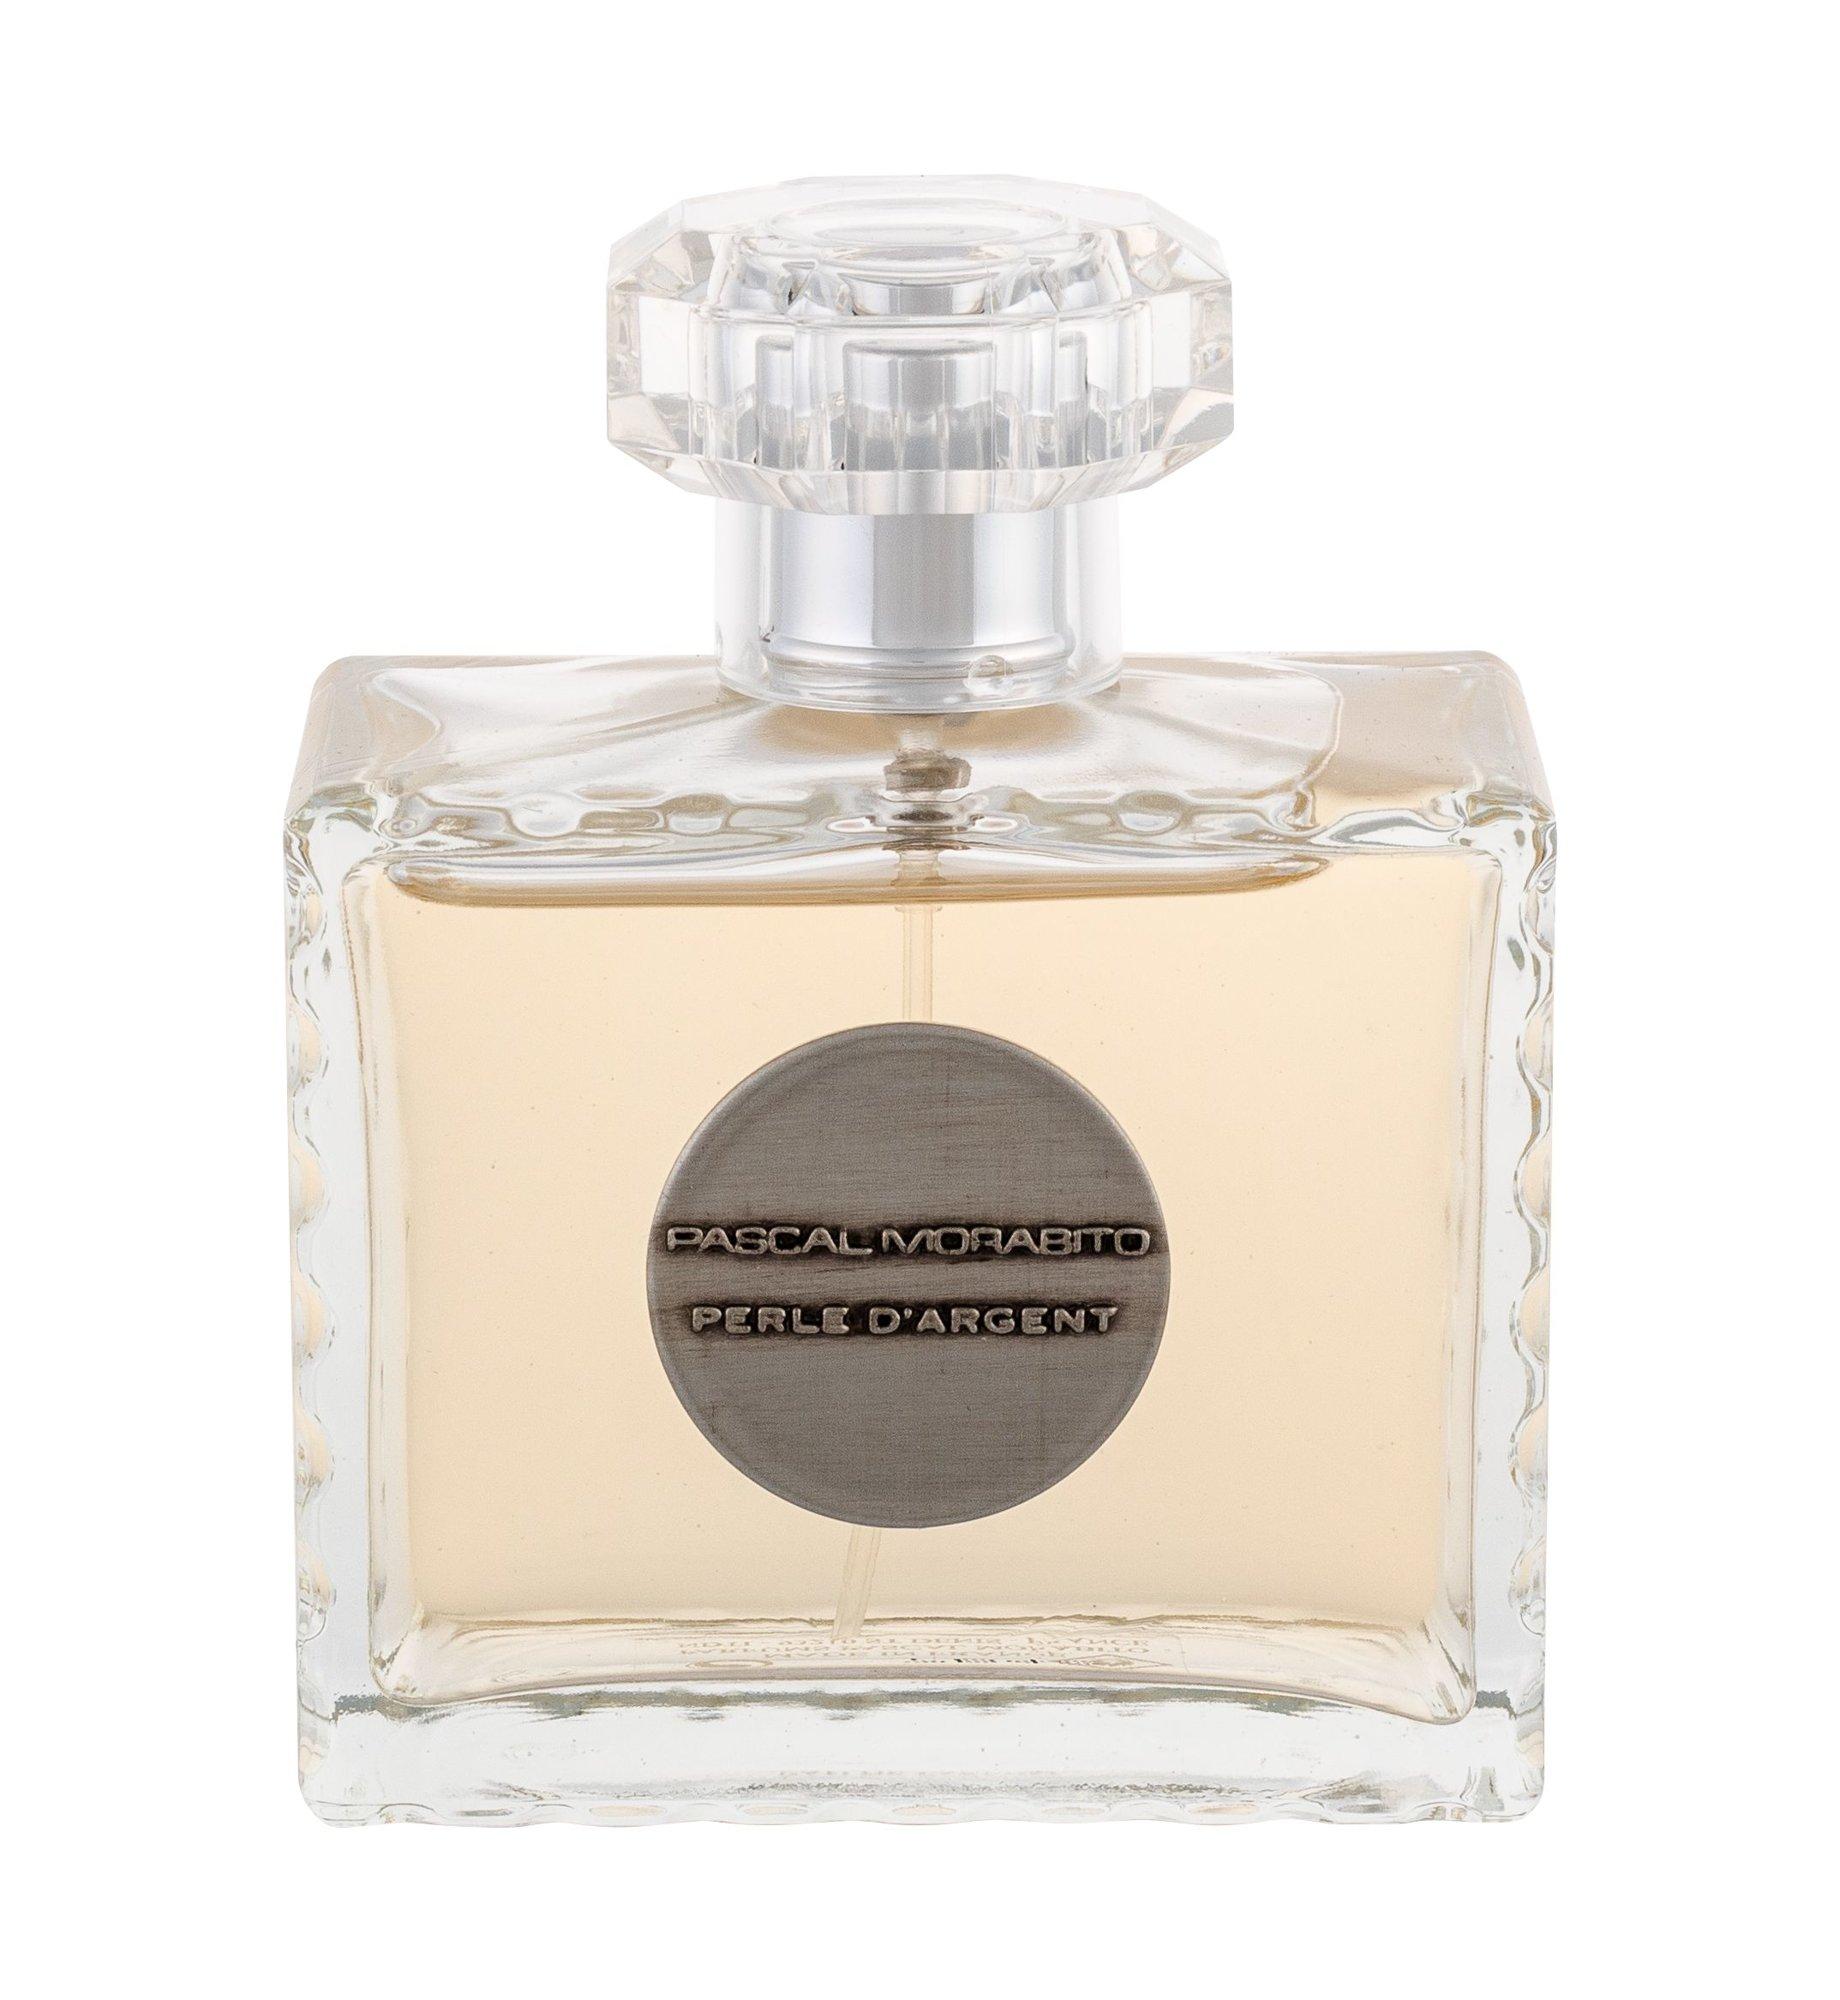 Pascal Morabito Perle D´Argent Eau de Parfum 100ml